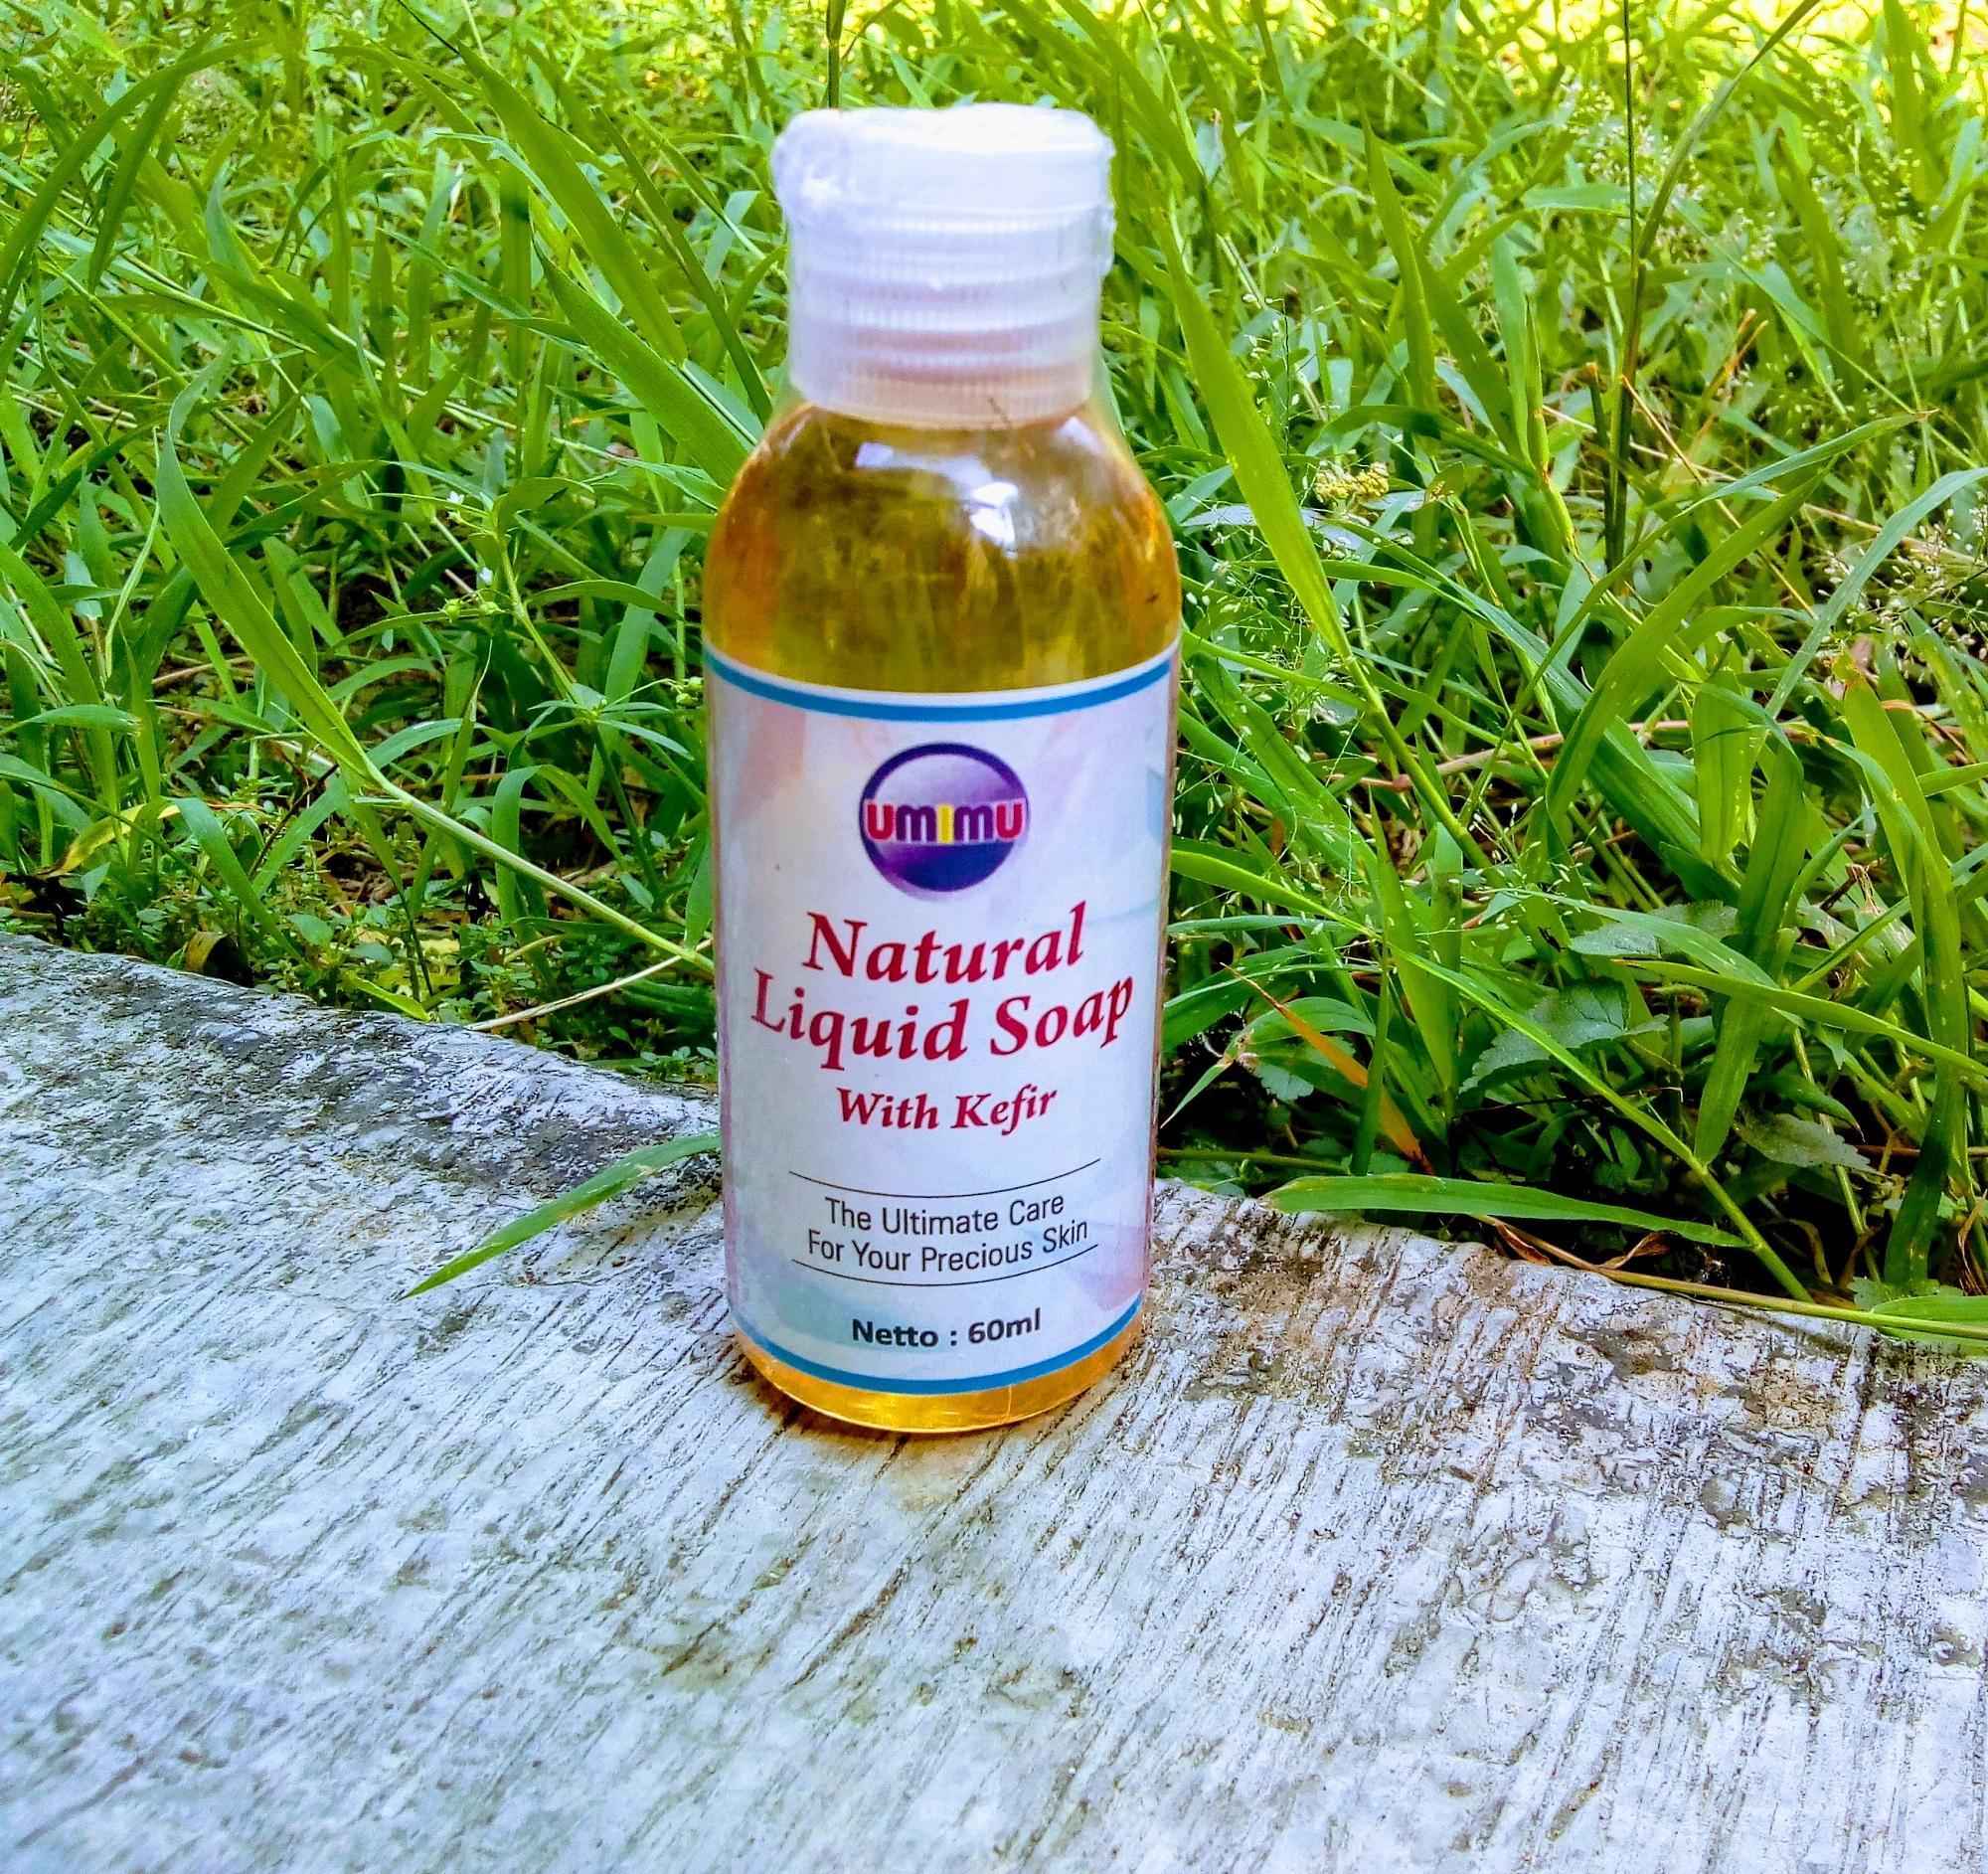 Homemade Soap 100 Natural Sabun Kefir Kopi 25g Daftar Harga Lyv Babandotan Bayi Alami Eatable Kulit Berminyak Liquid Rp 60000 Beli Sekarang